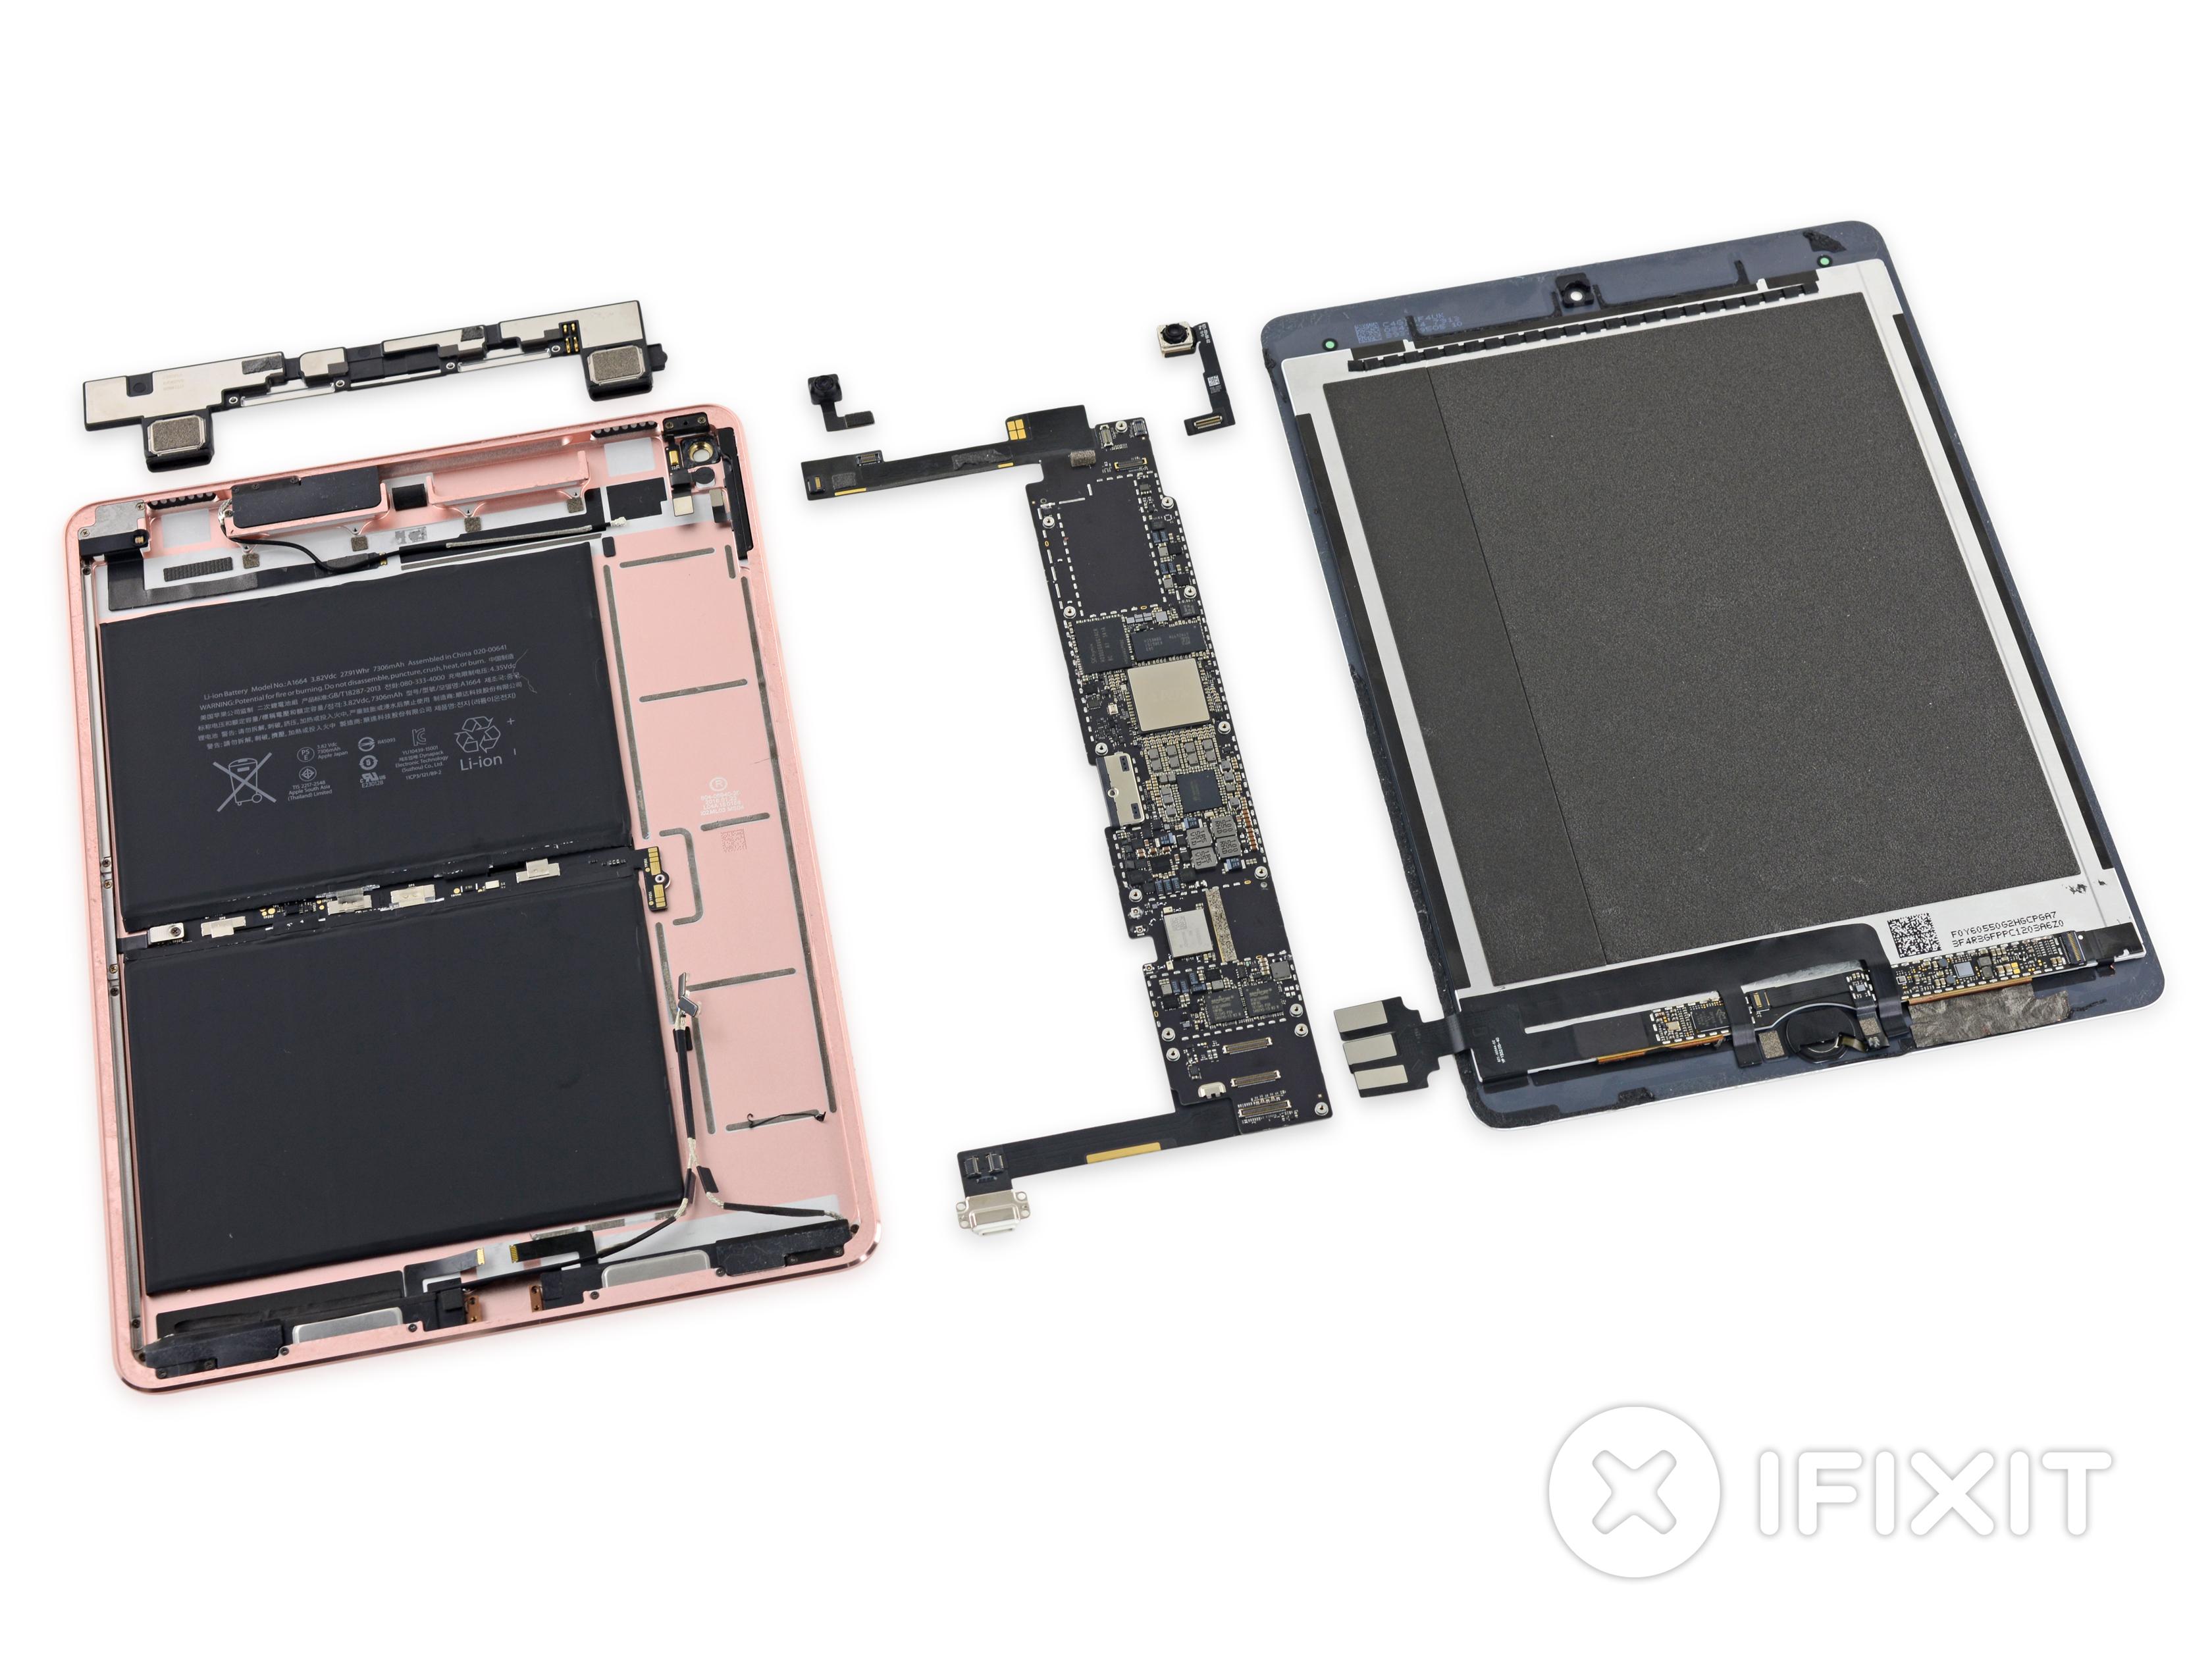 Специалисты iFixit разочарованы конструкцией iPad Pro 9.7.